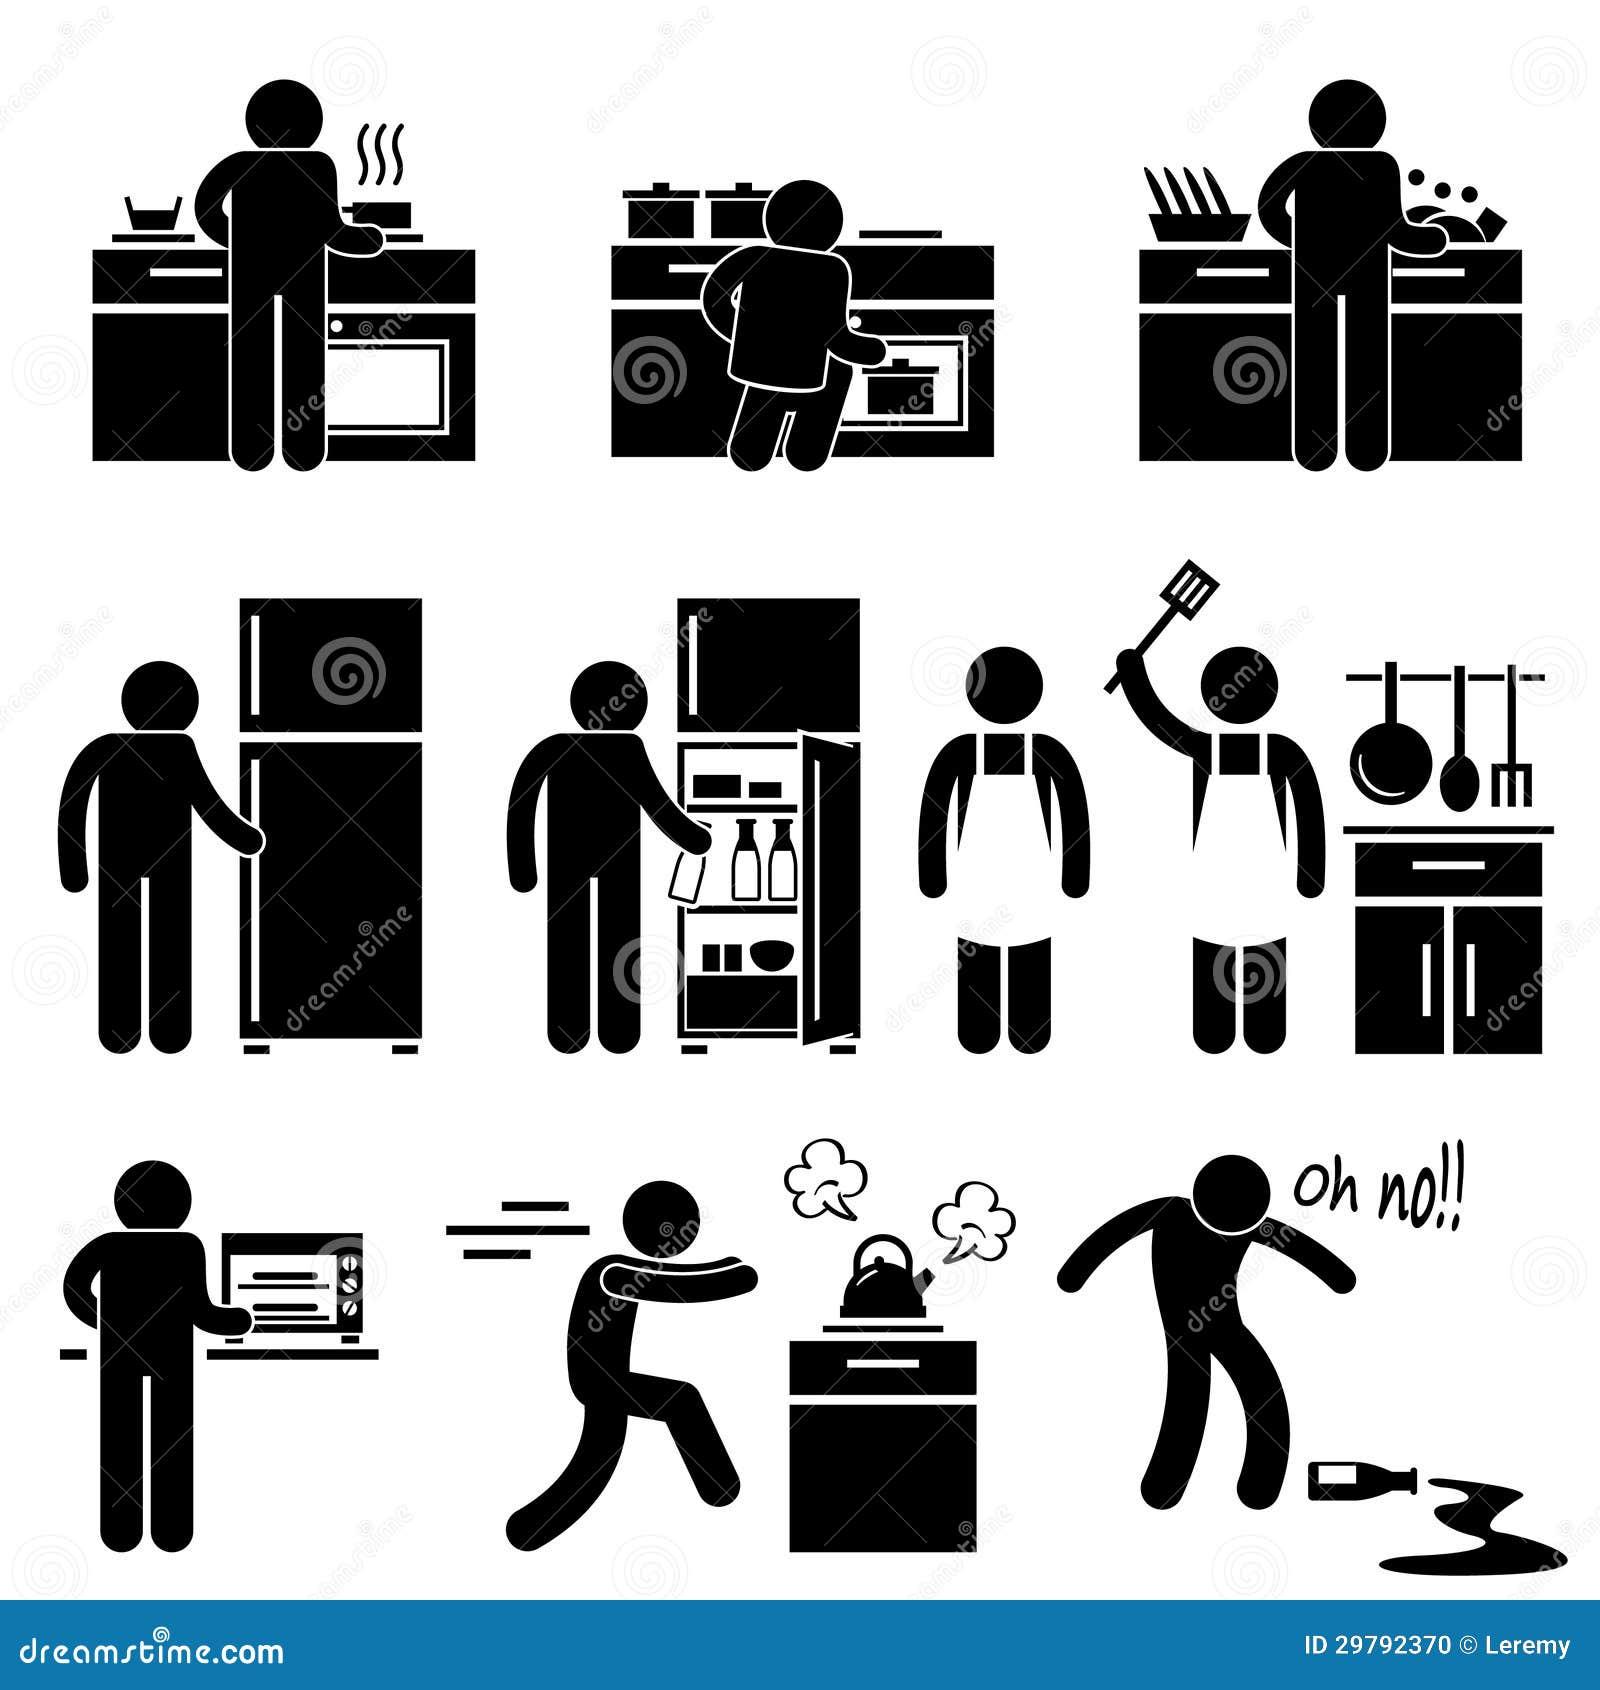 het koken van de mens was bij het pictogram van de keuken vector stick figures holding hands vector stick figure walking